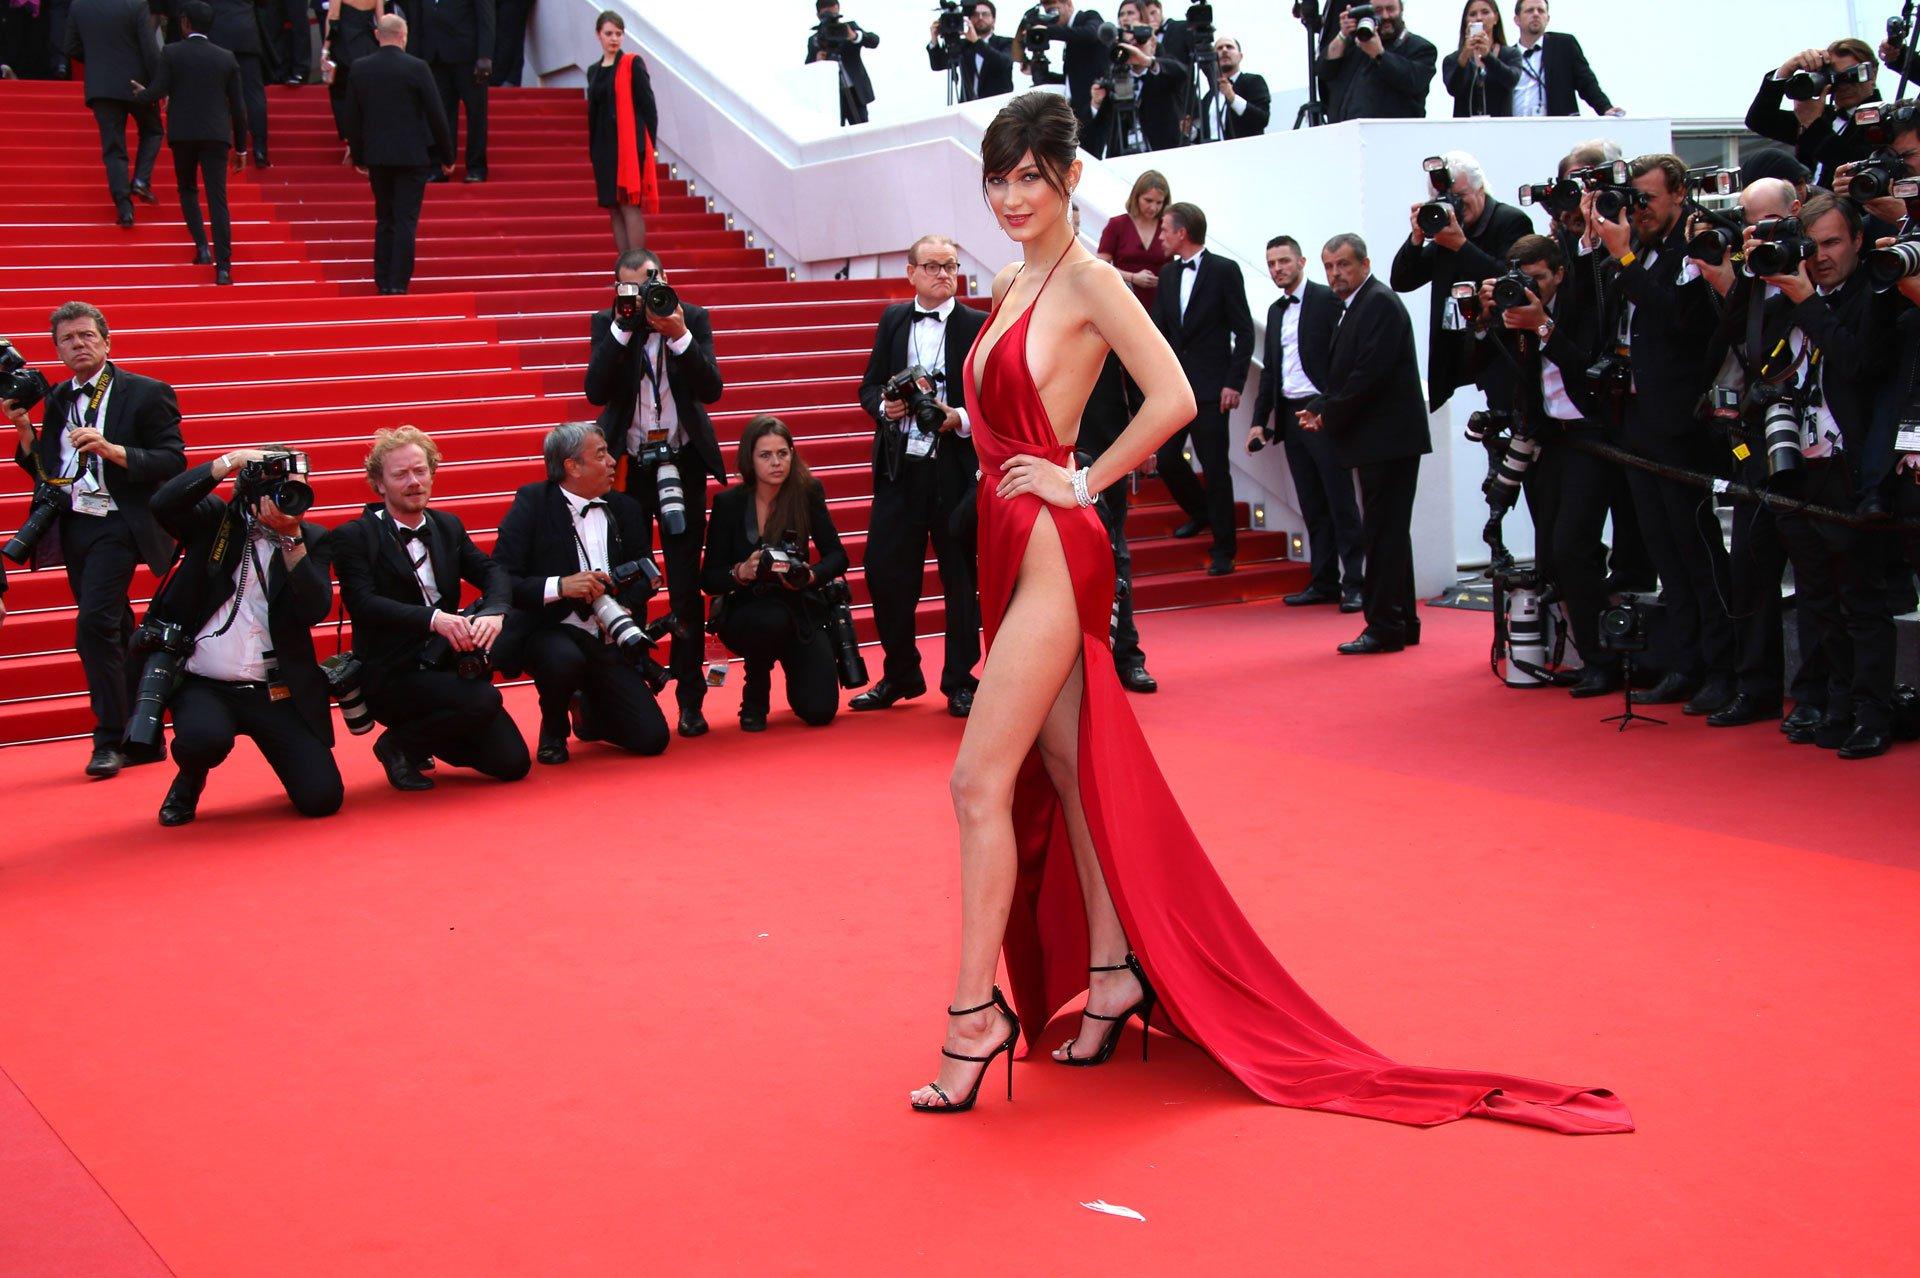 La modelo estadounidense Bella Hadid impactó con su atuendo en la red carpet del festival de cine